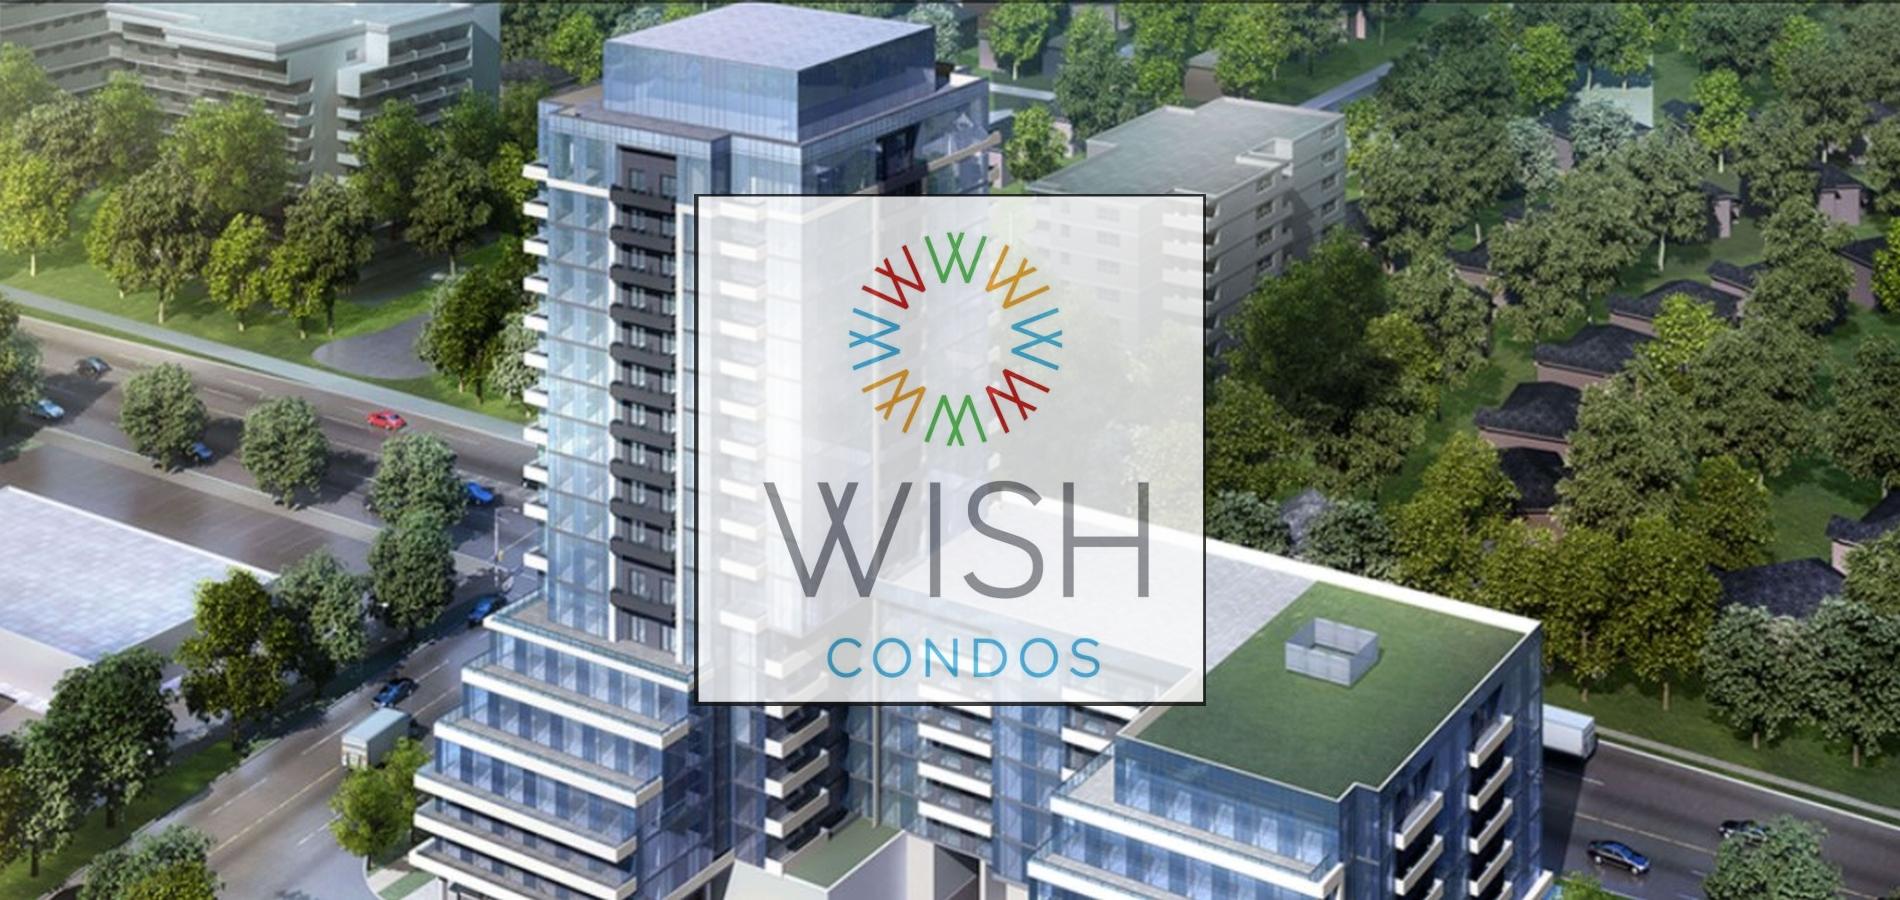 Wish condos Scarborough New Condos